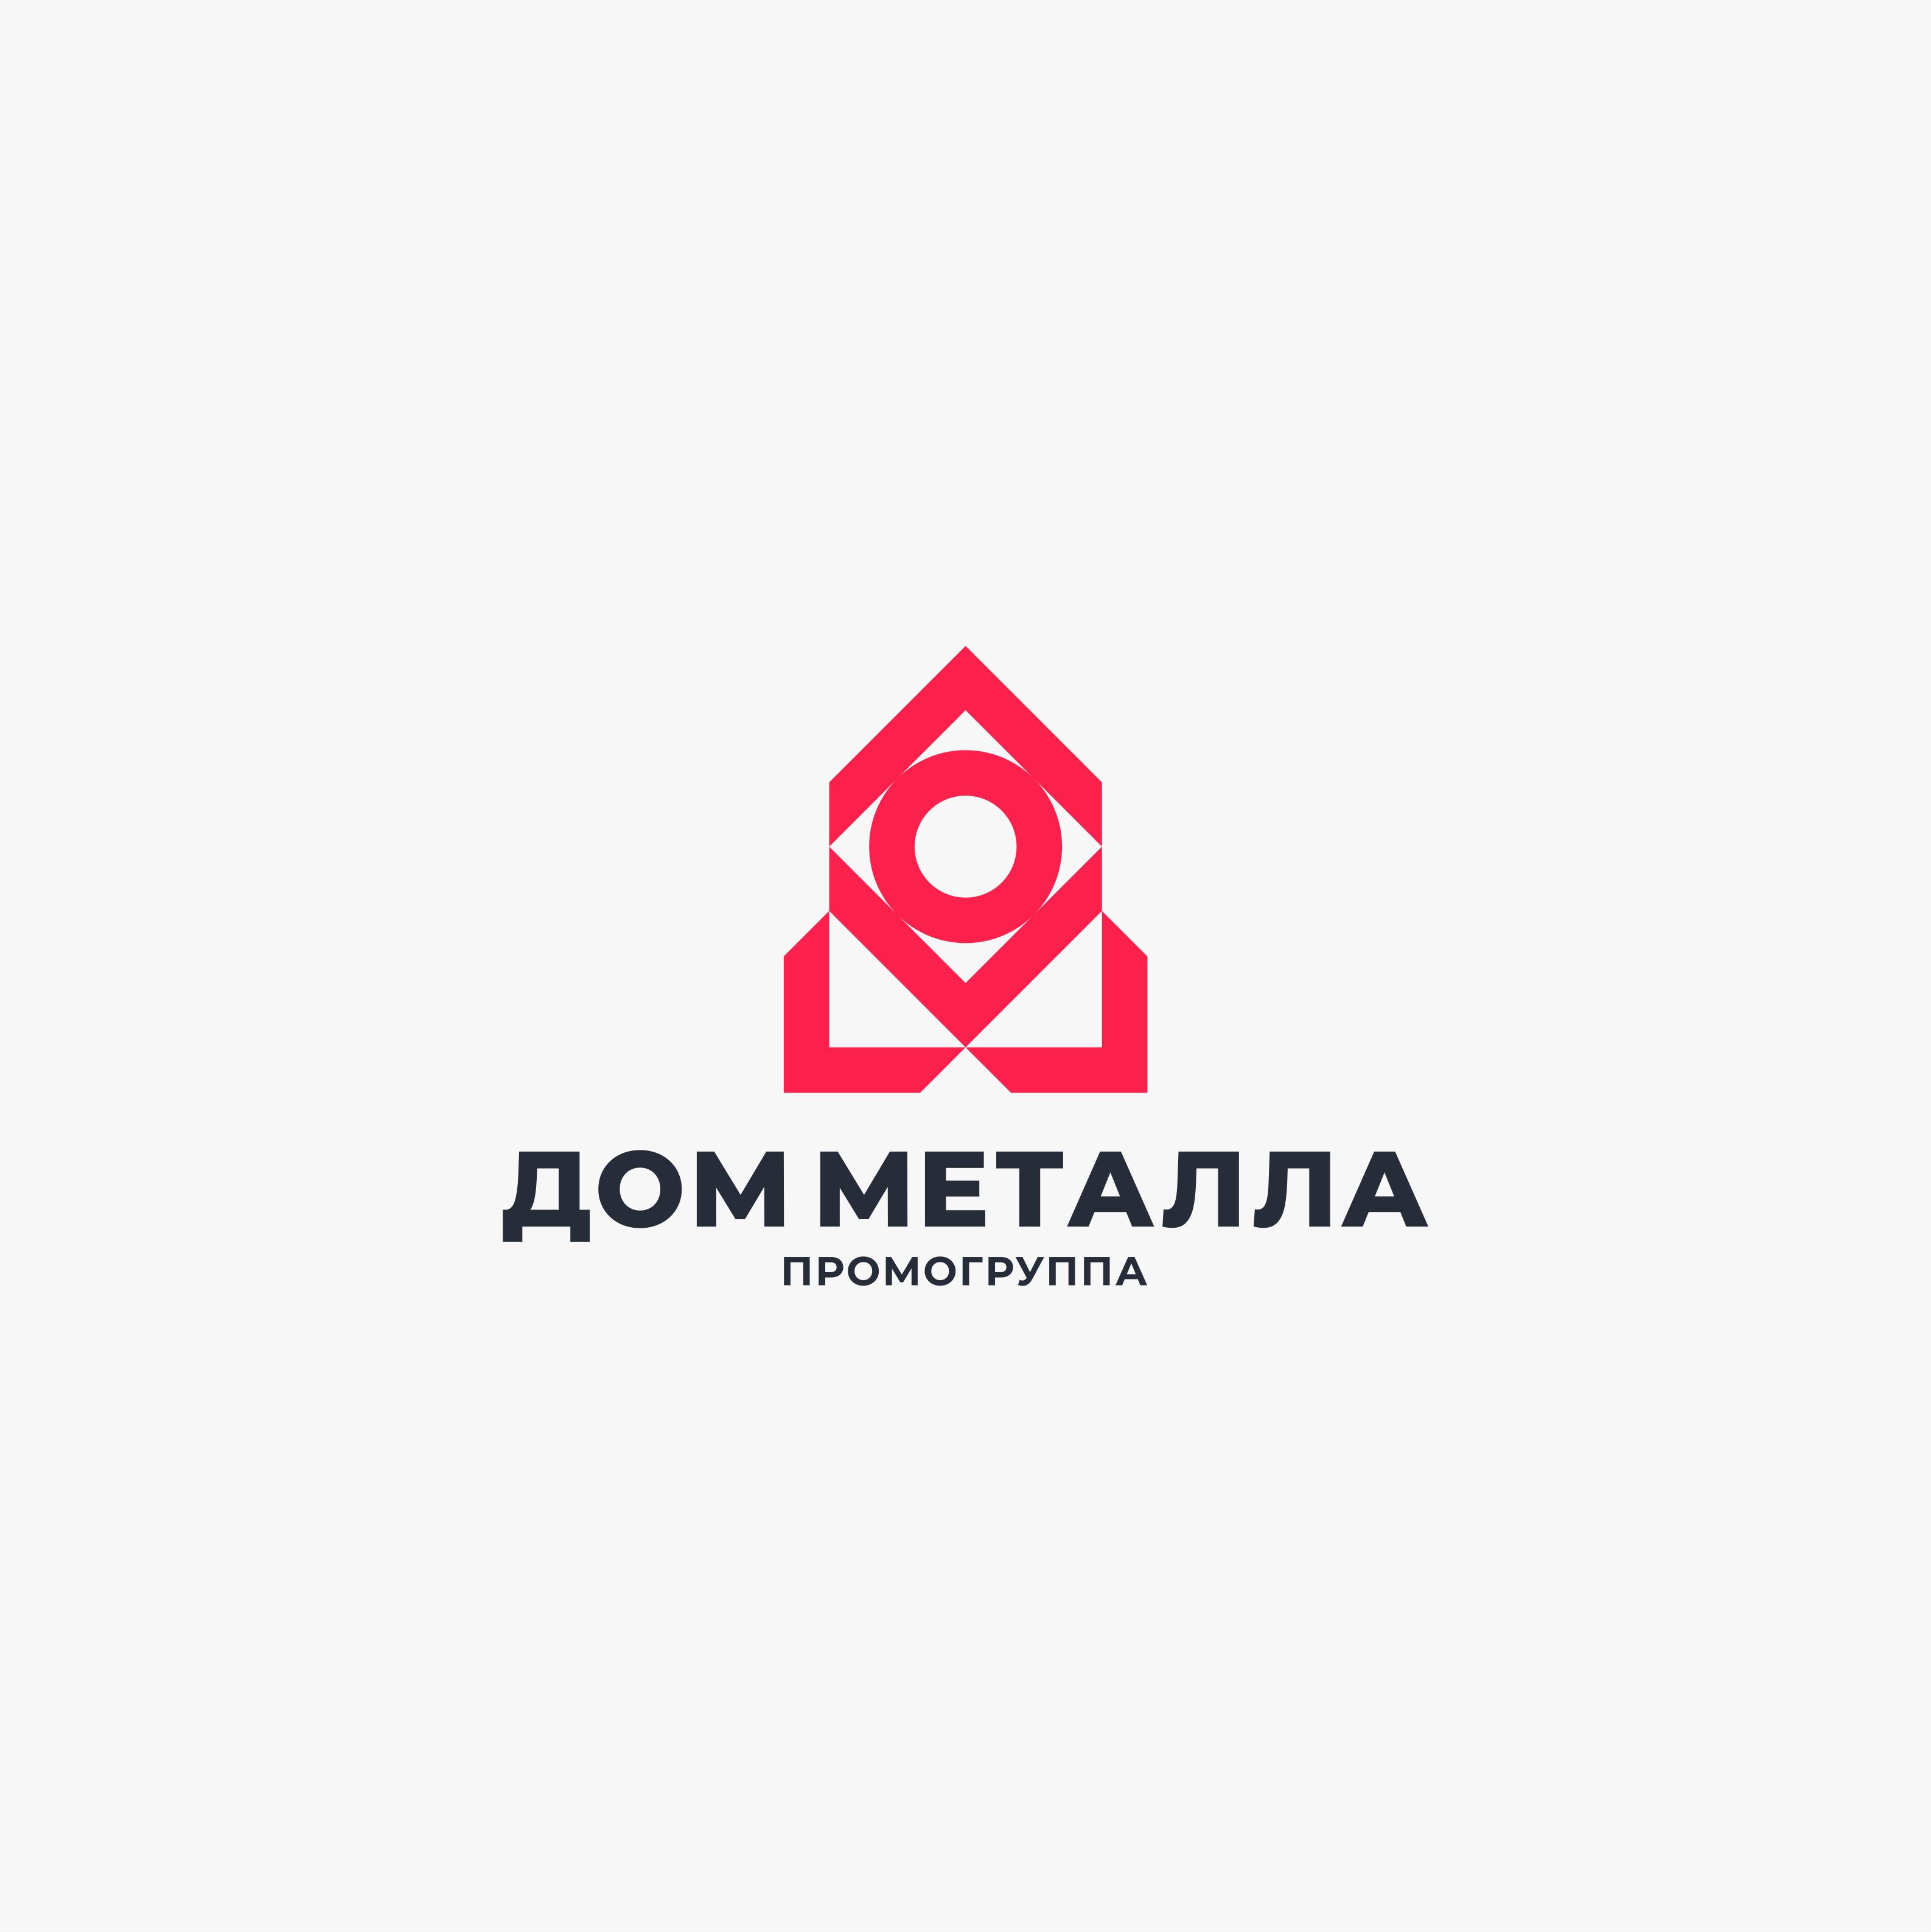 Разработка логотипа фото f_3835c5d5a204a31e.png